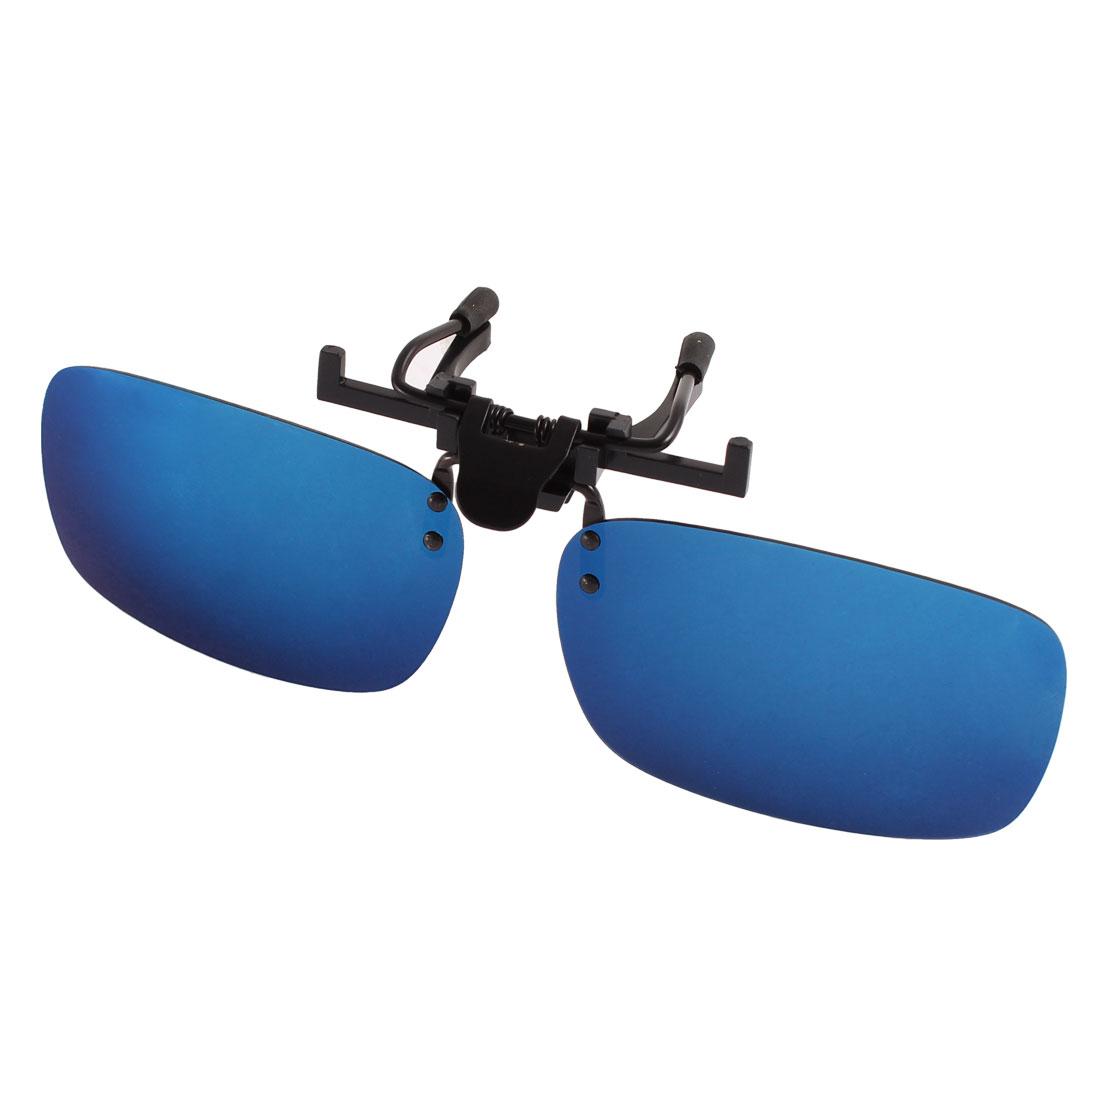 Unisex Fishing Yale Blue Lens Rimless Clip On Polarized Sunglasses